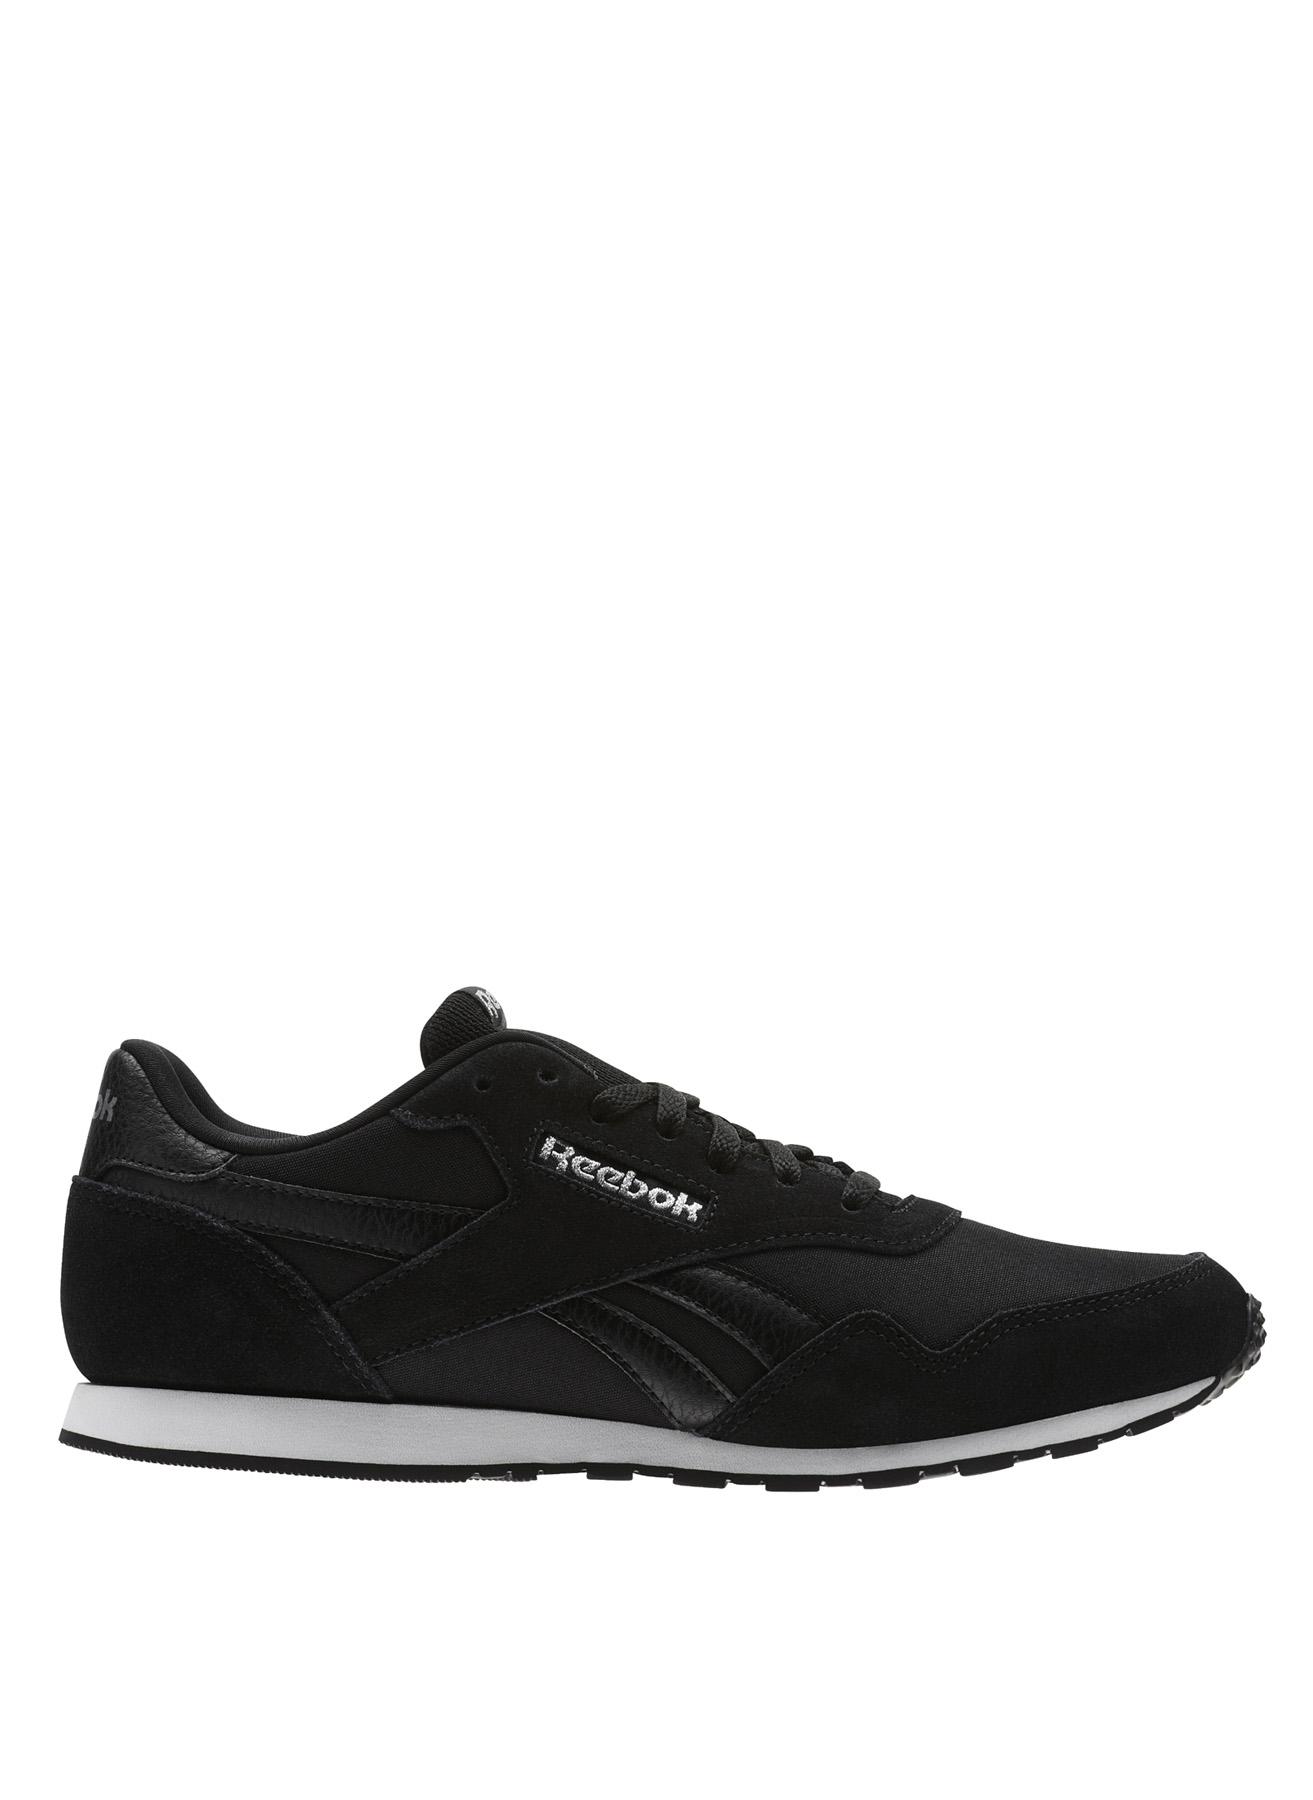 Reebok Royal Ultra Lifestyle Ayakkabı 37 5001633240002 Ürün Resmi